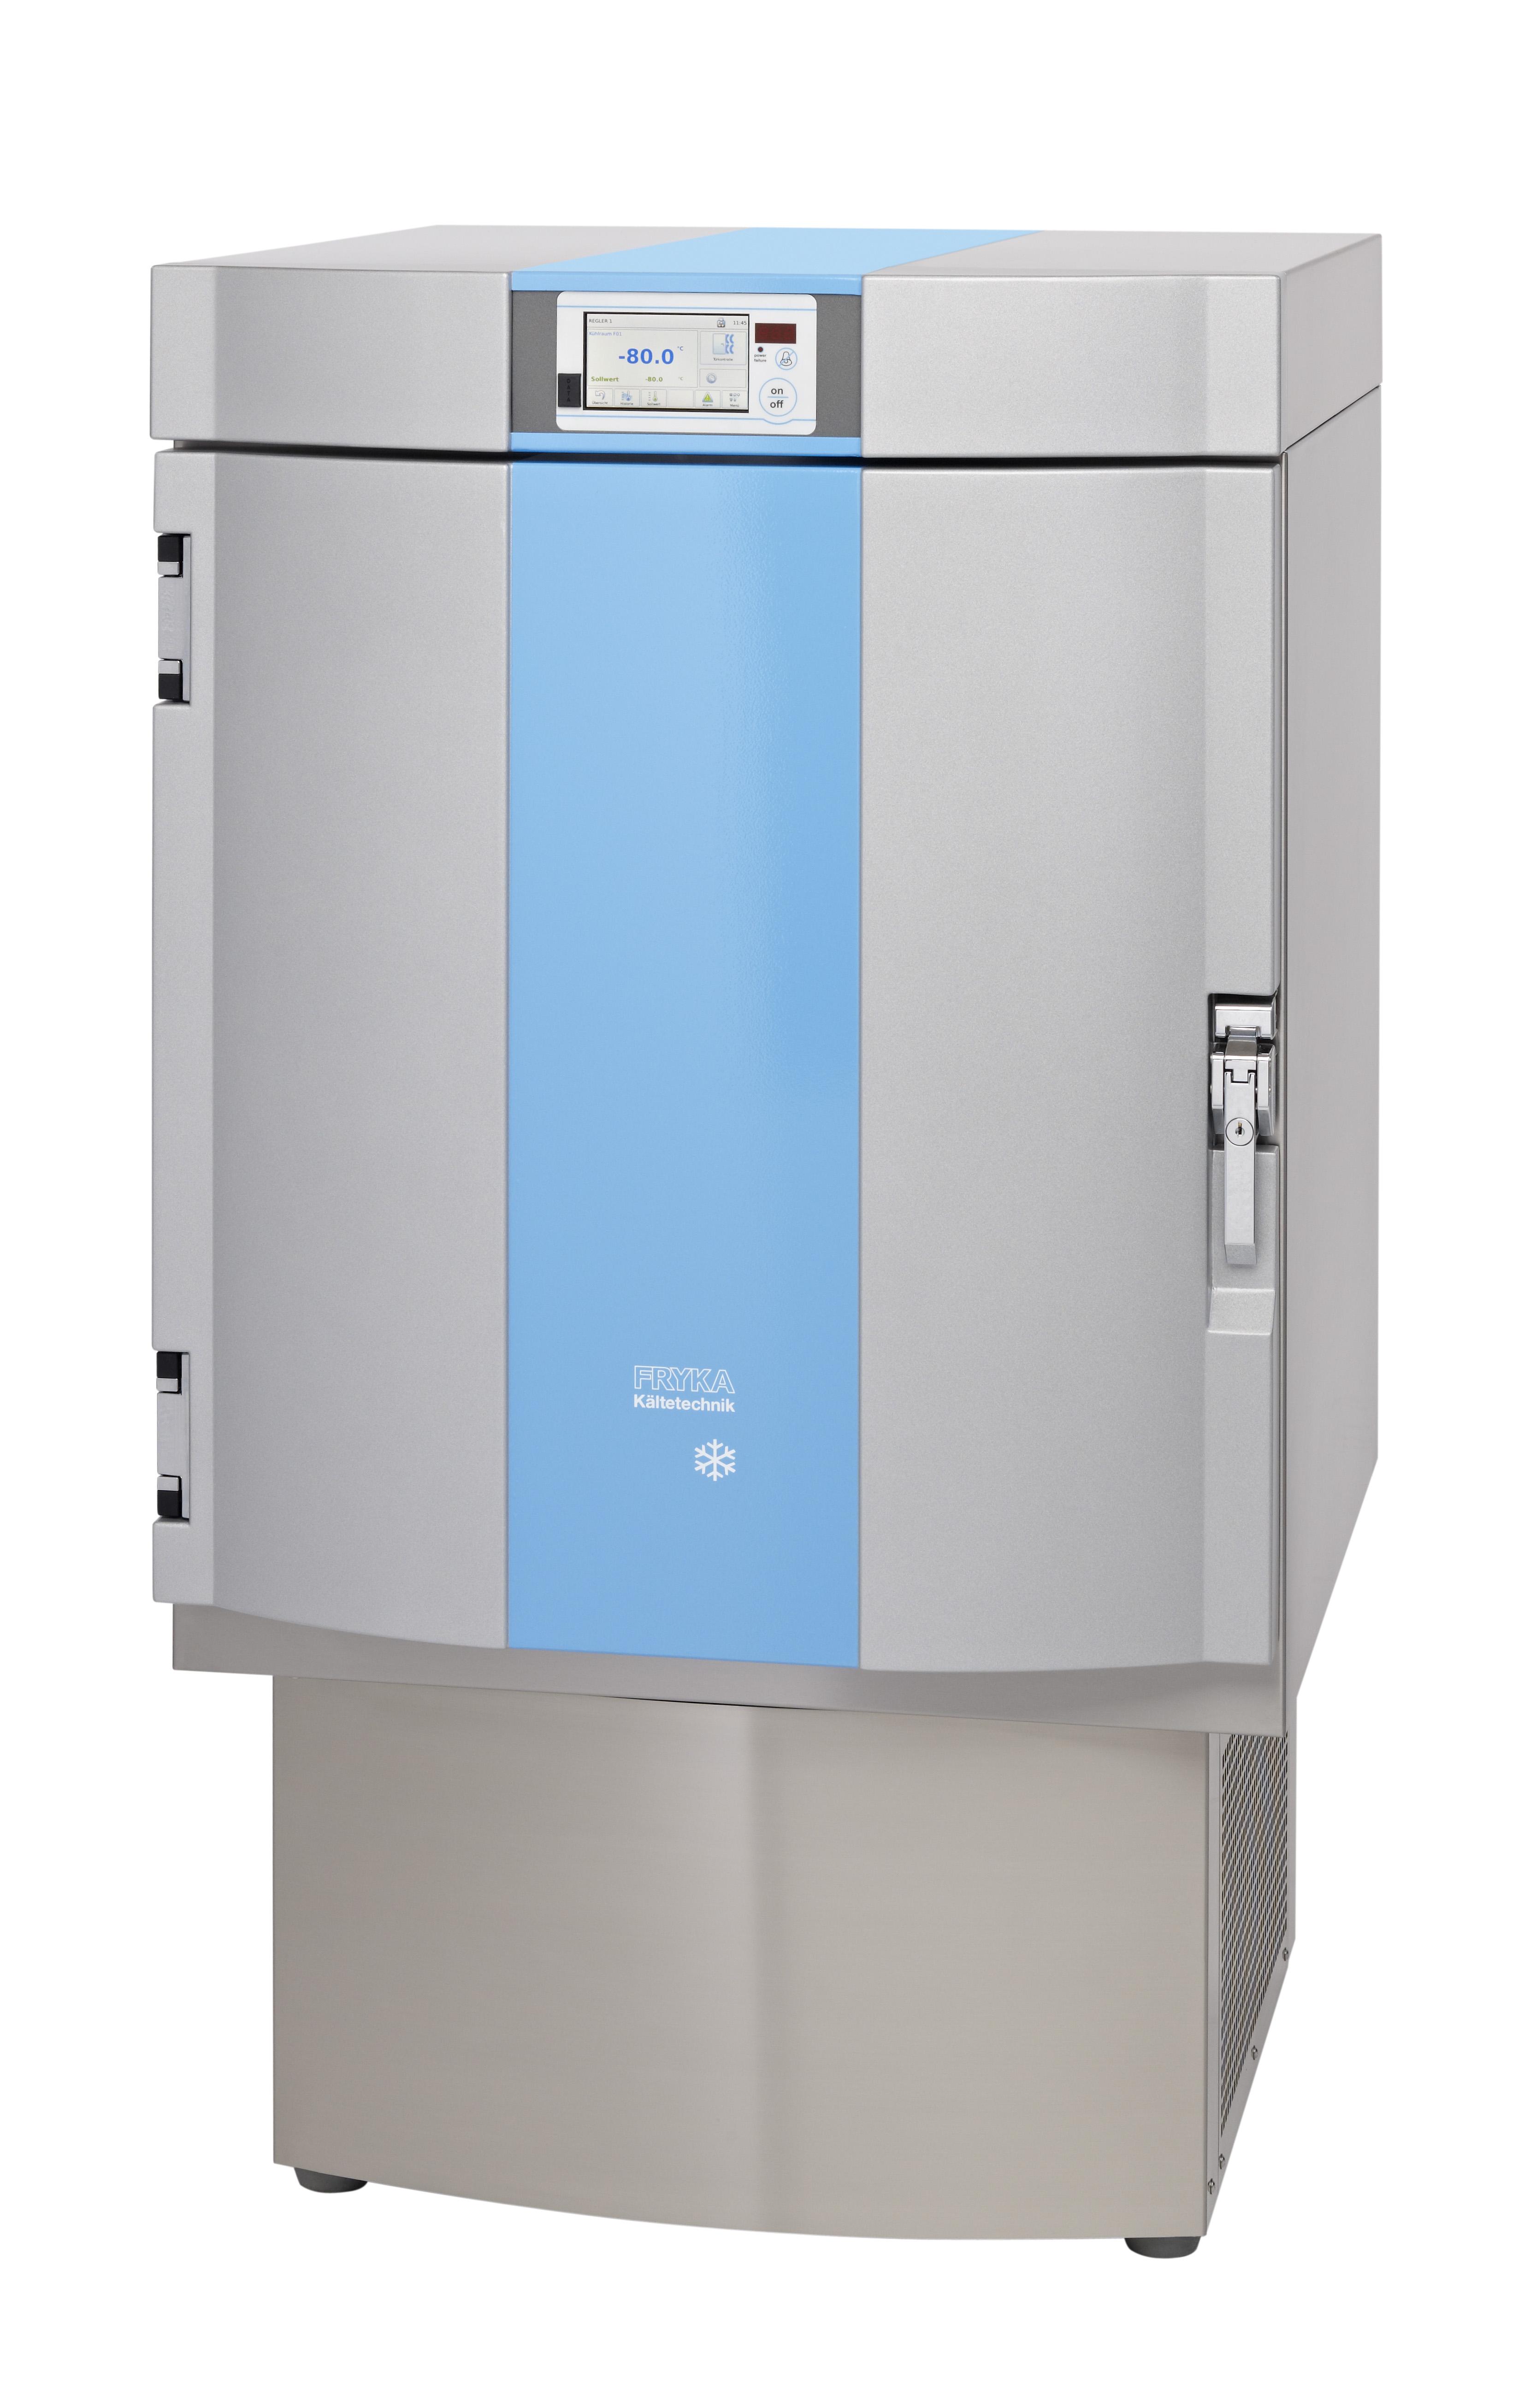 FRYKA Tiefkühlschrank TS 50-100 logg (-10?C bis -50?C)